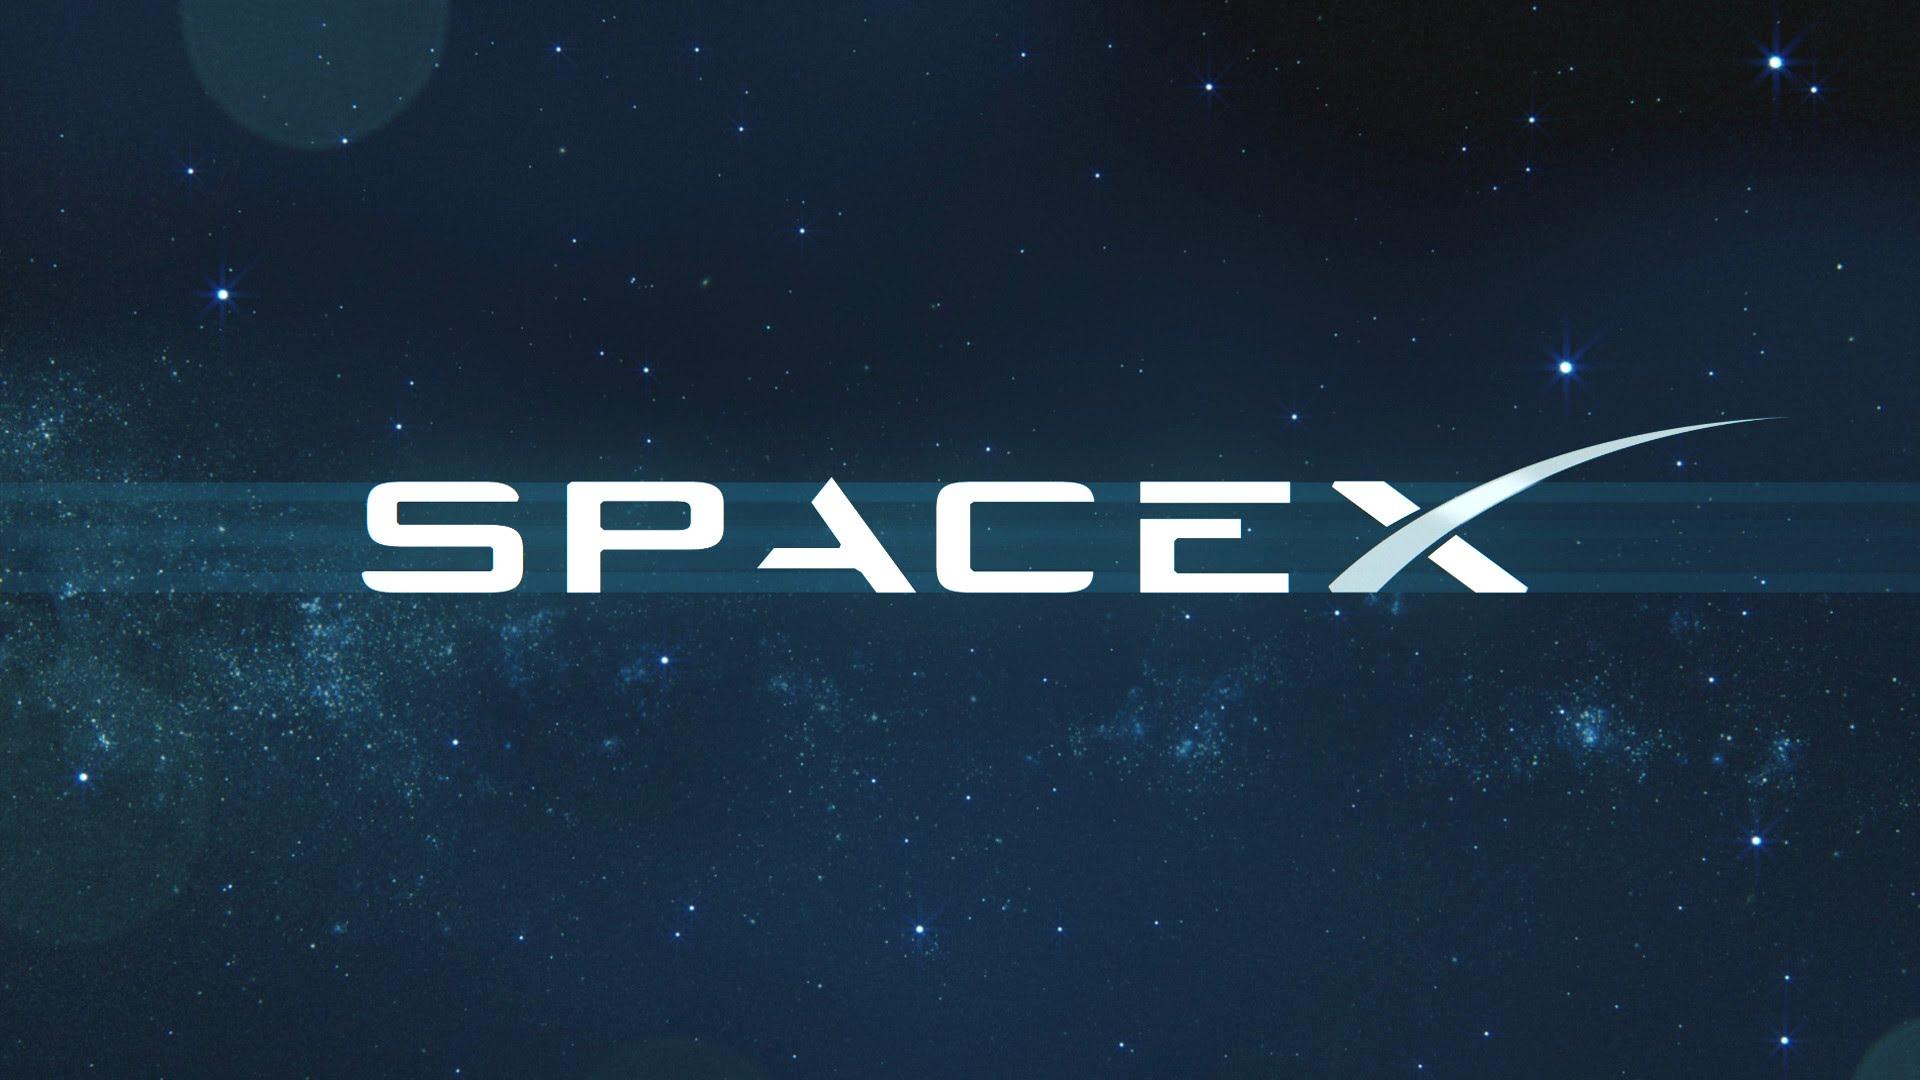 SpaceX növbəti kosmik uçuşunu həyata keçirib